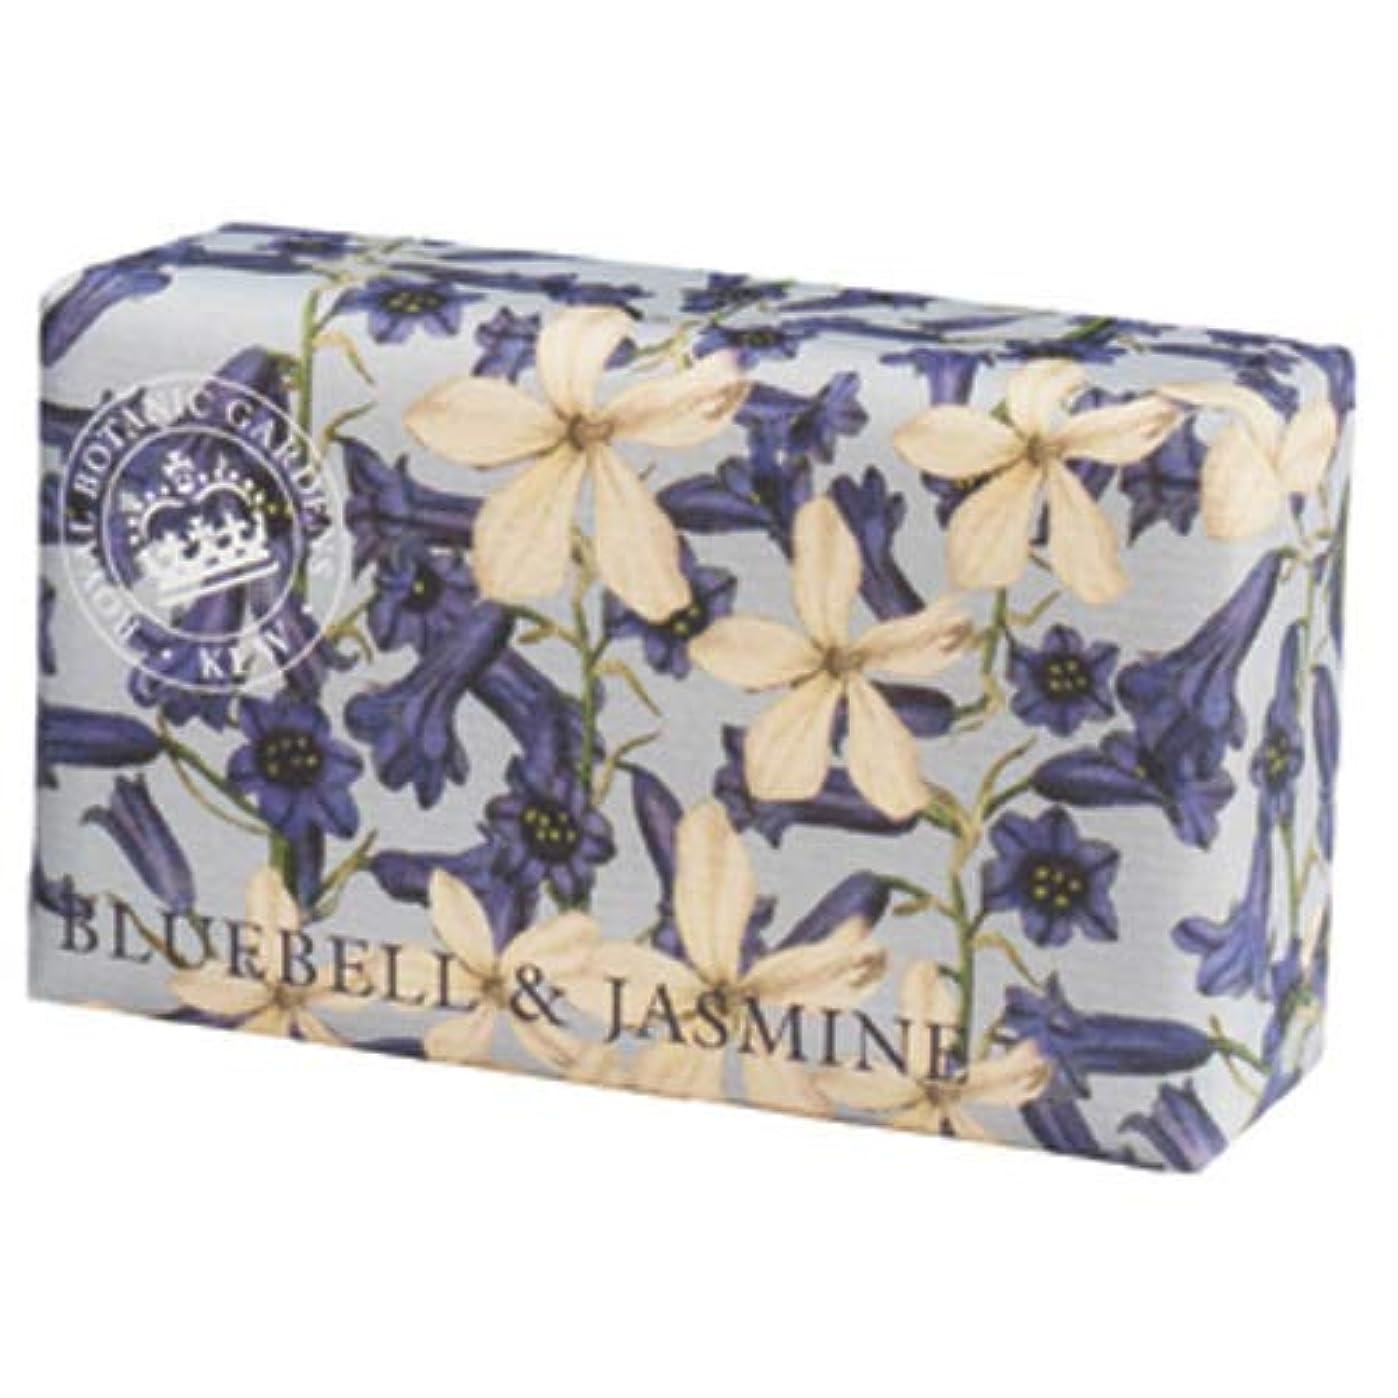 追放棚洗剤English Soap Company イングリッシュソープカンパニー KEW GARDEN キュー?ガーデン Luxury Shea Soaps シアソープ Bluebell & Jasmine ブルーベル&ジャスミン